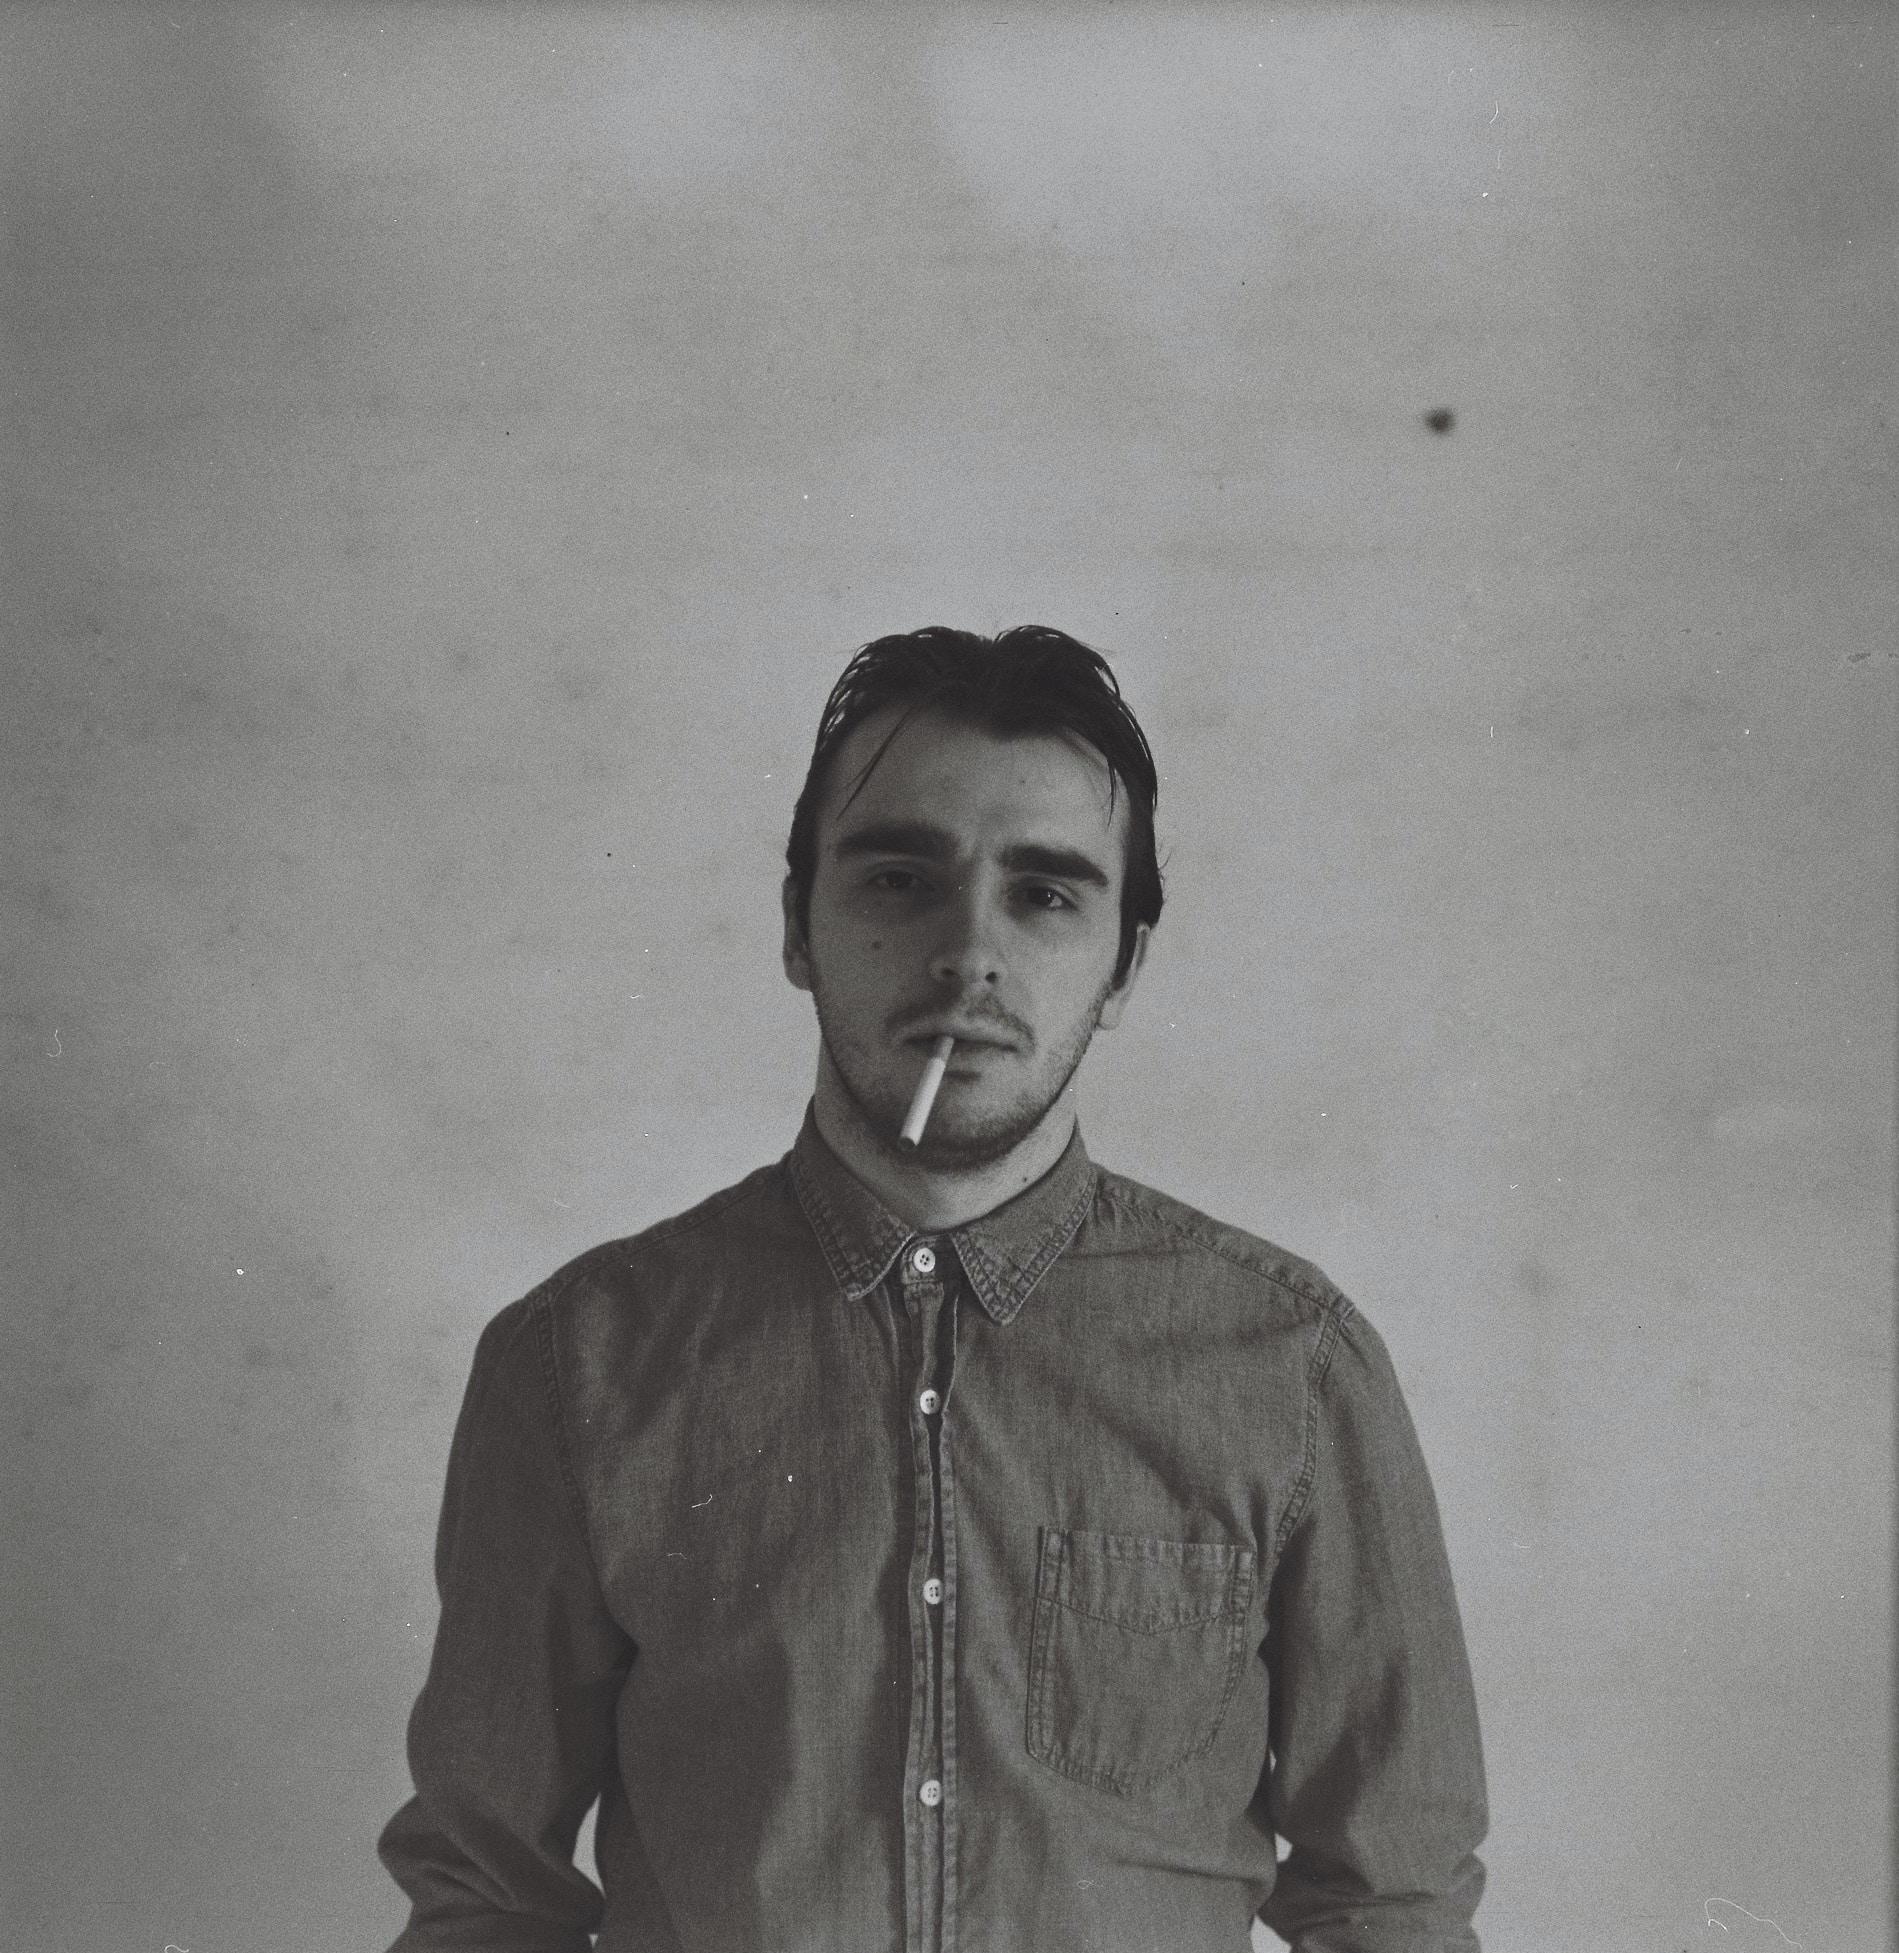 Retro portrait of a man smoking an unlit cigarette